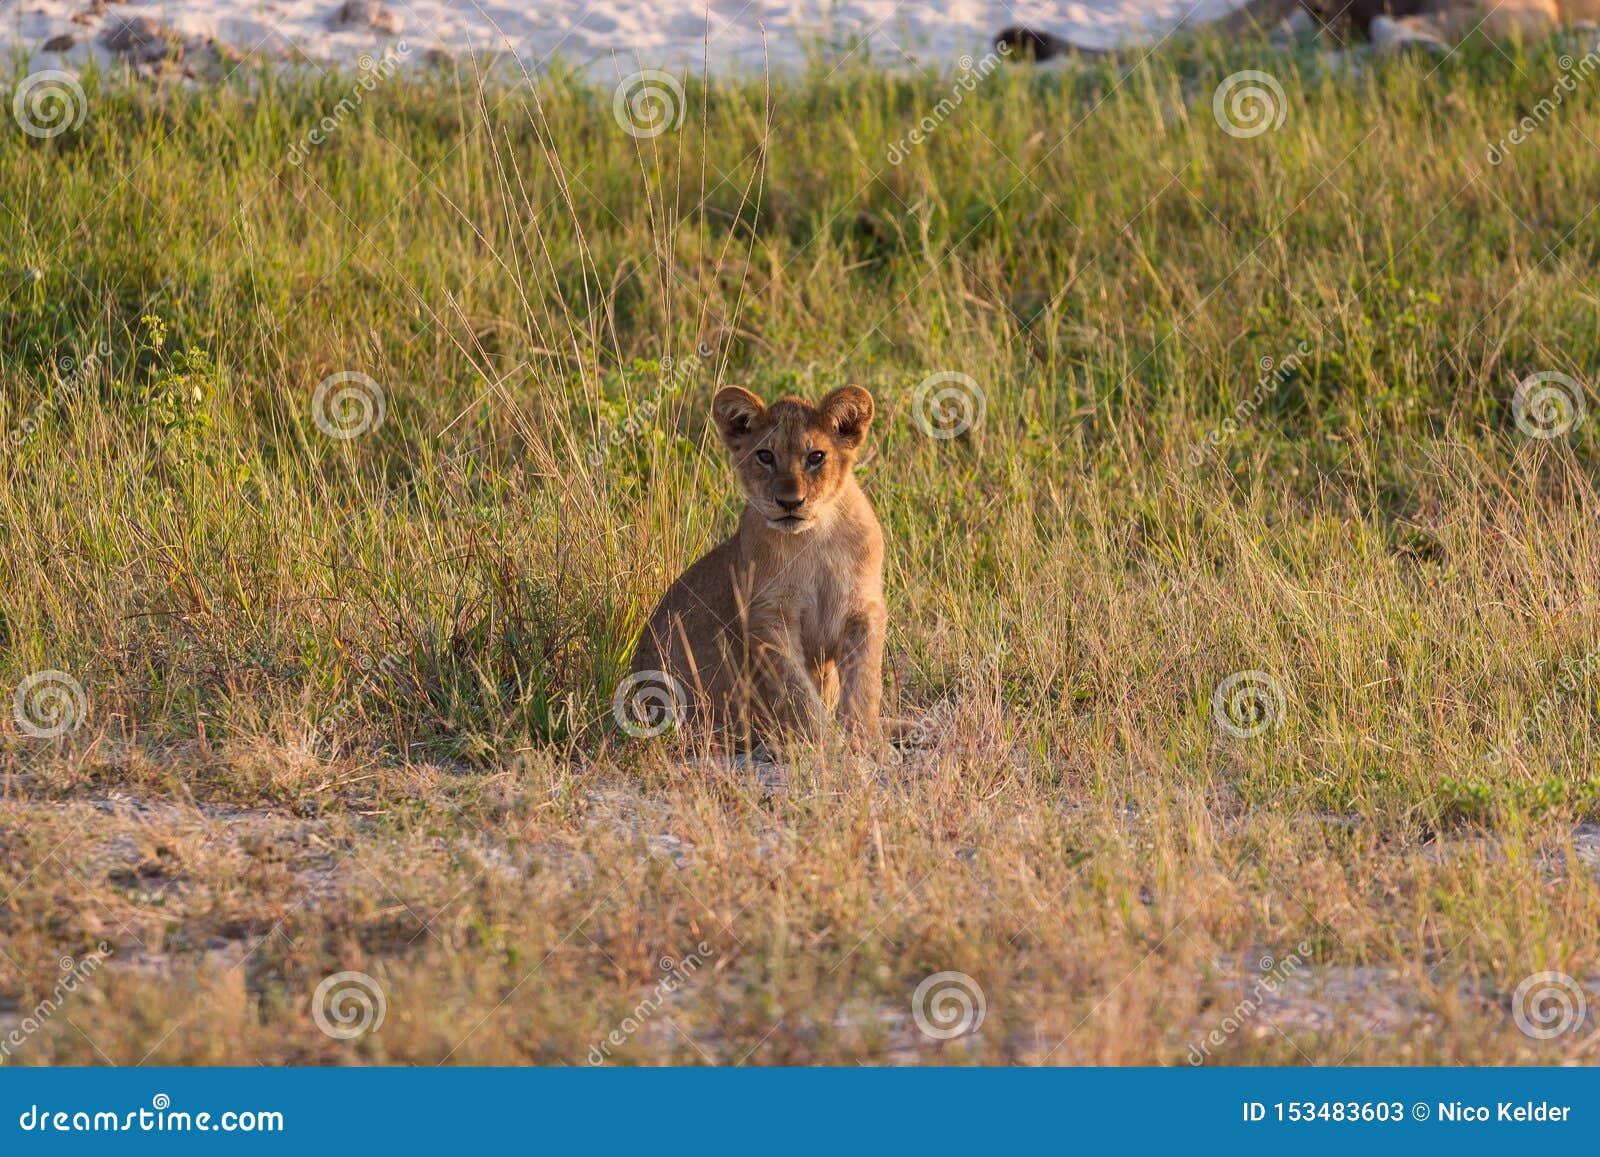 Cub λιονταριών χαλάρωση στη σαβάνα του εθνικού πάρκου Chobe